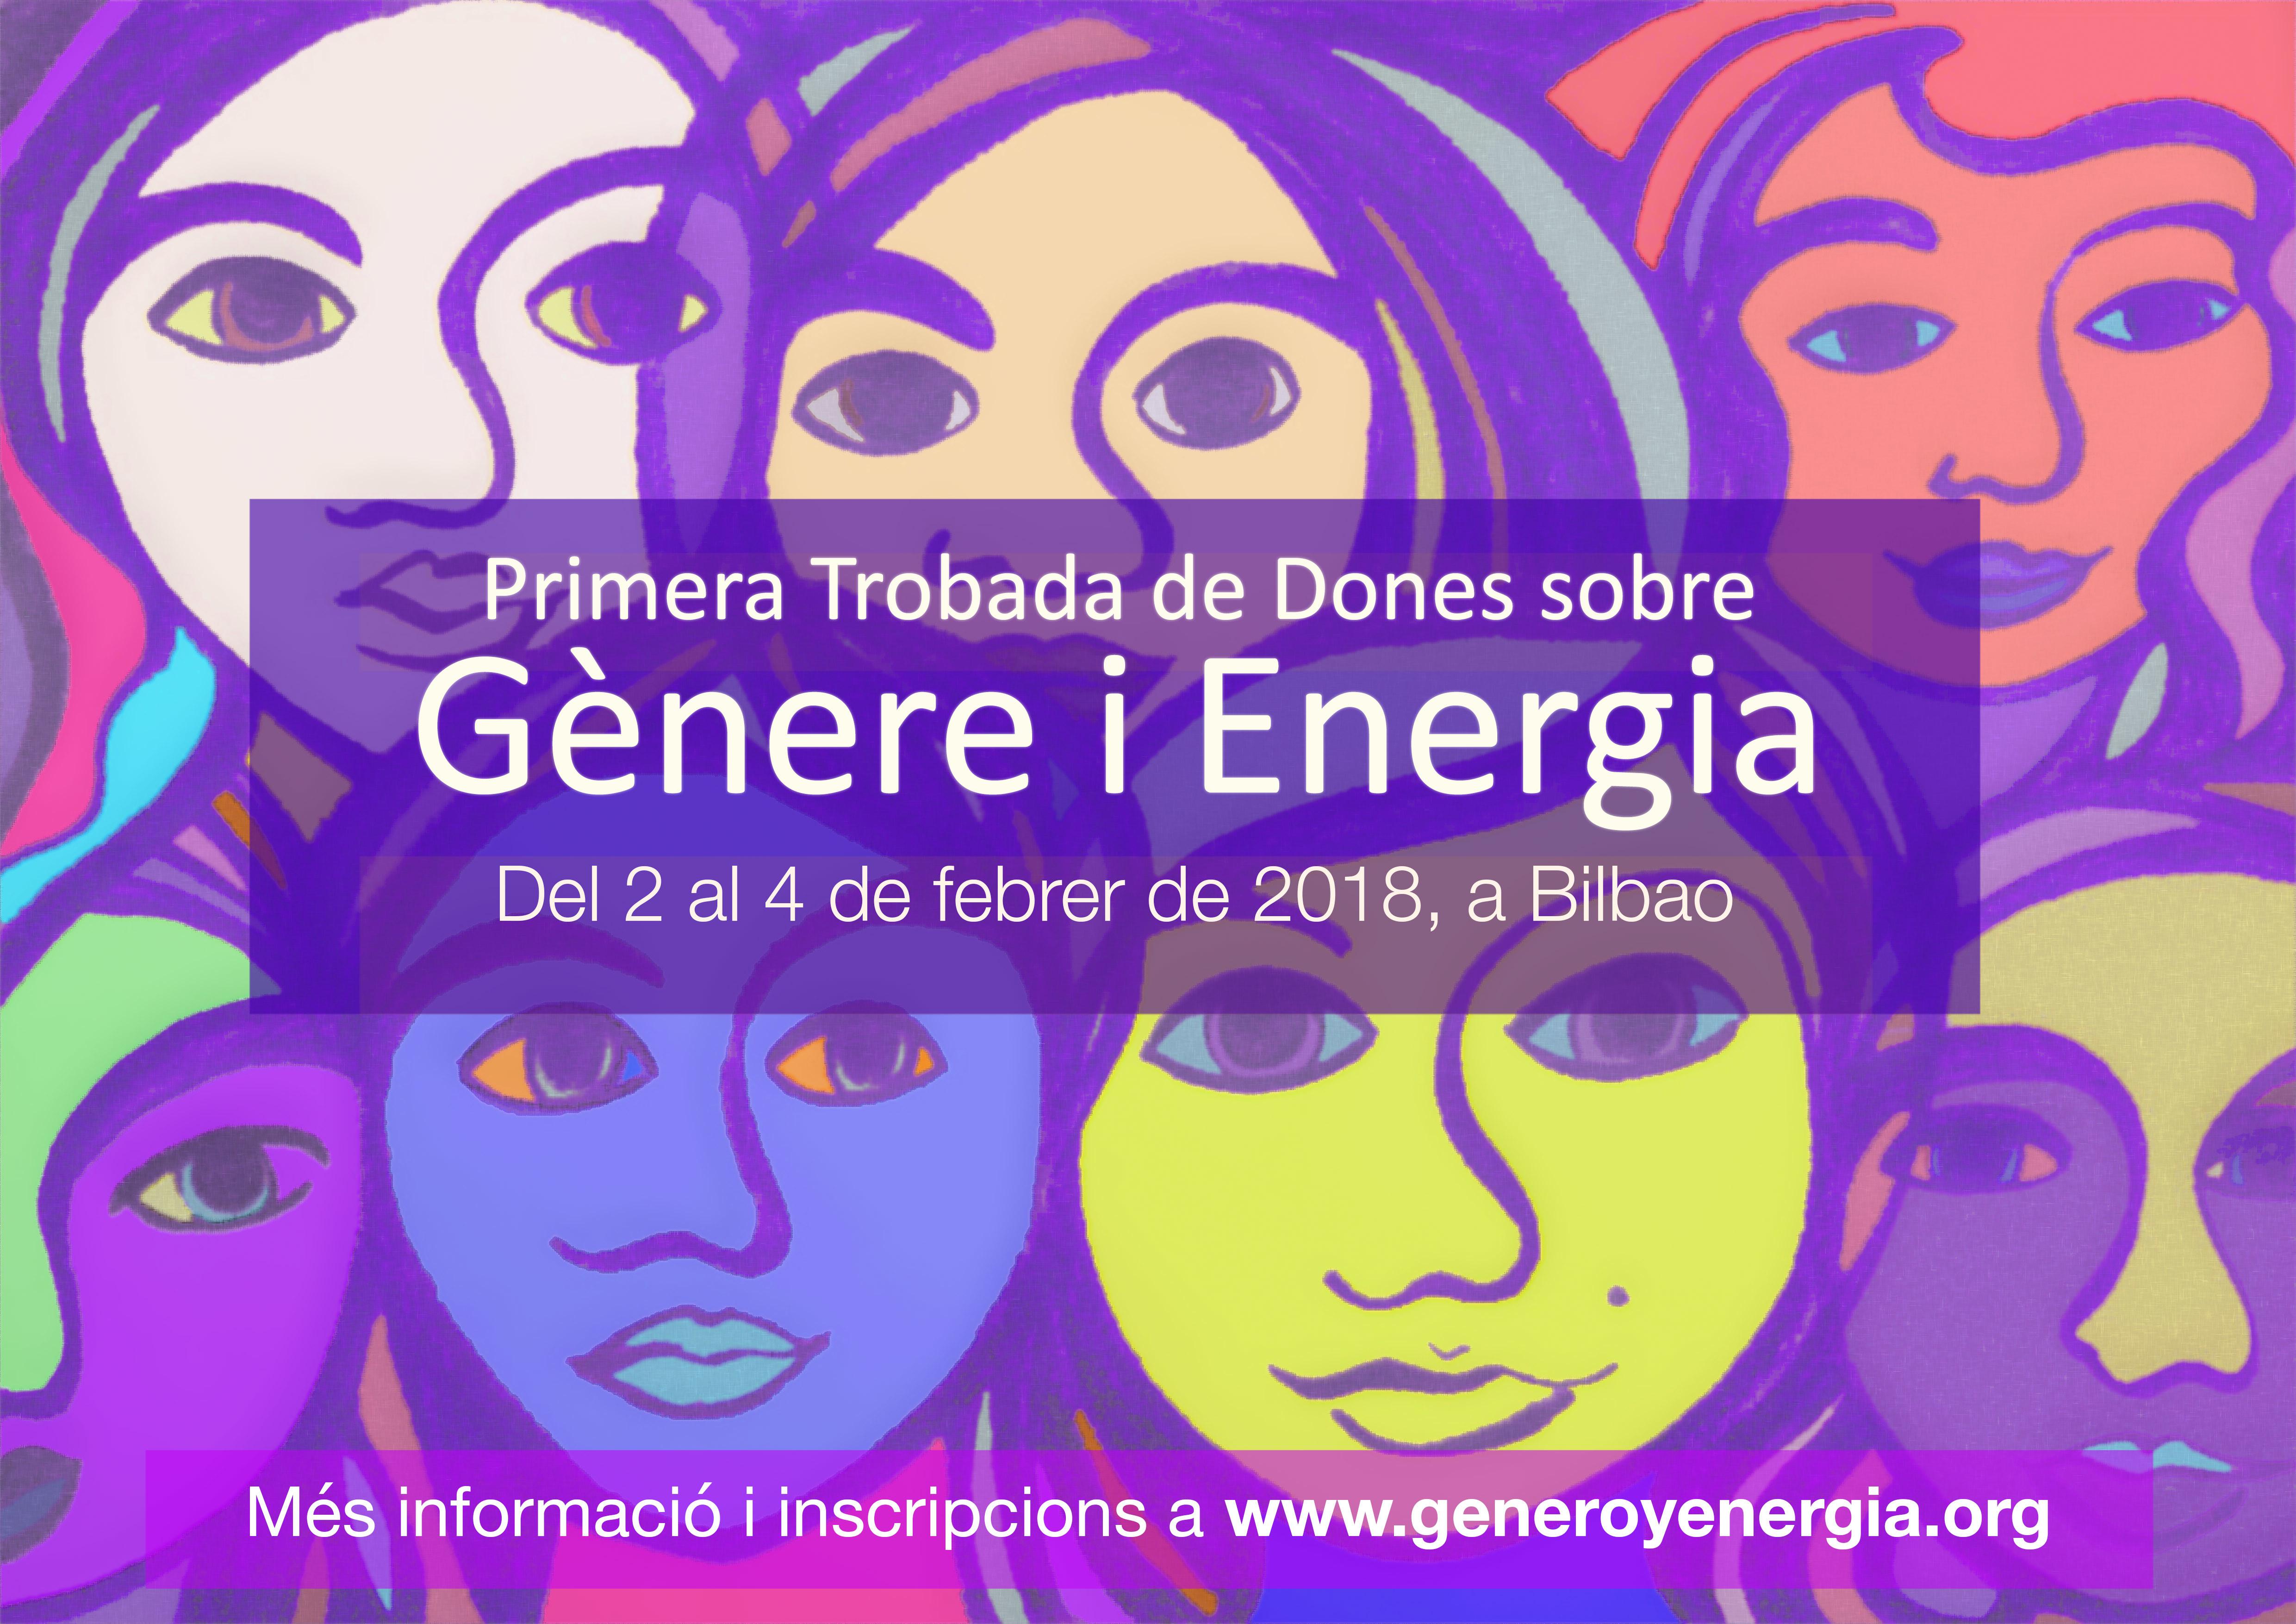 cartel_encuentro_genero_energia_cat.jpg